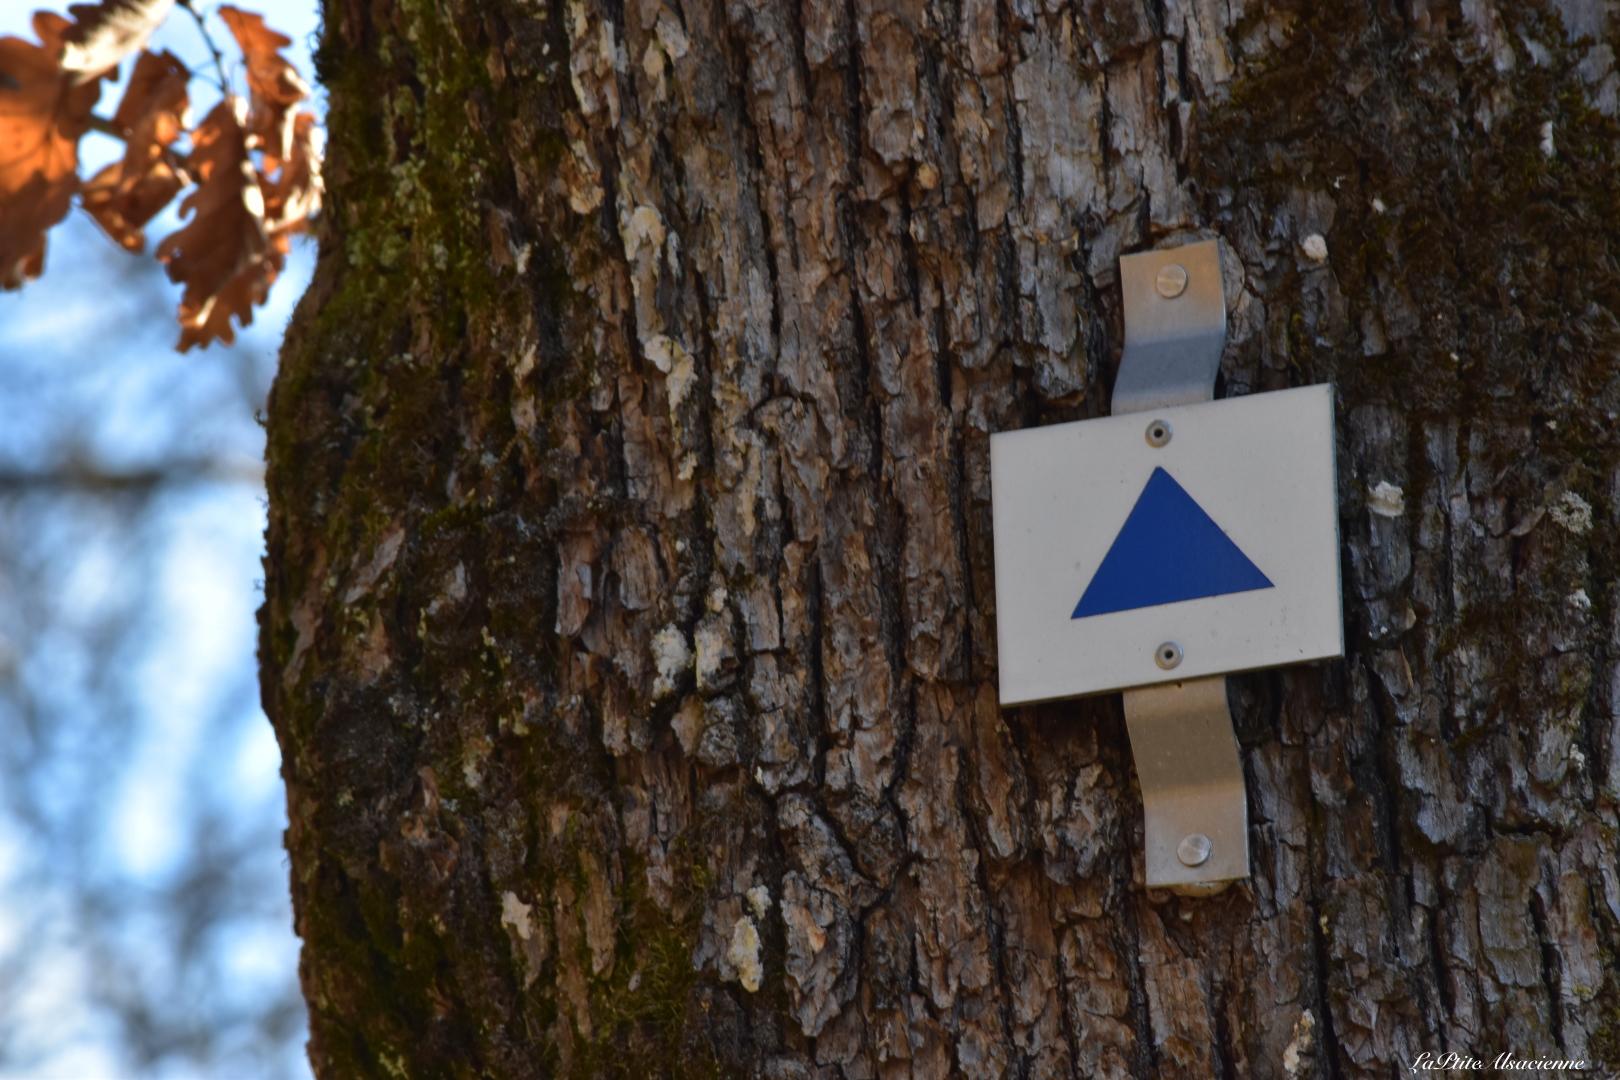 signaletique triangle bleu vers ruine chateau hohrupf murbach